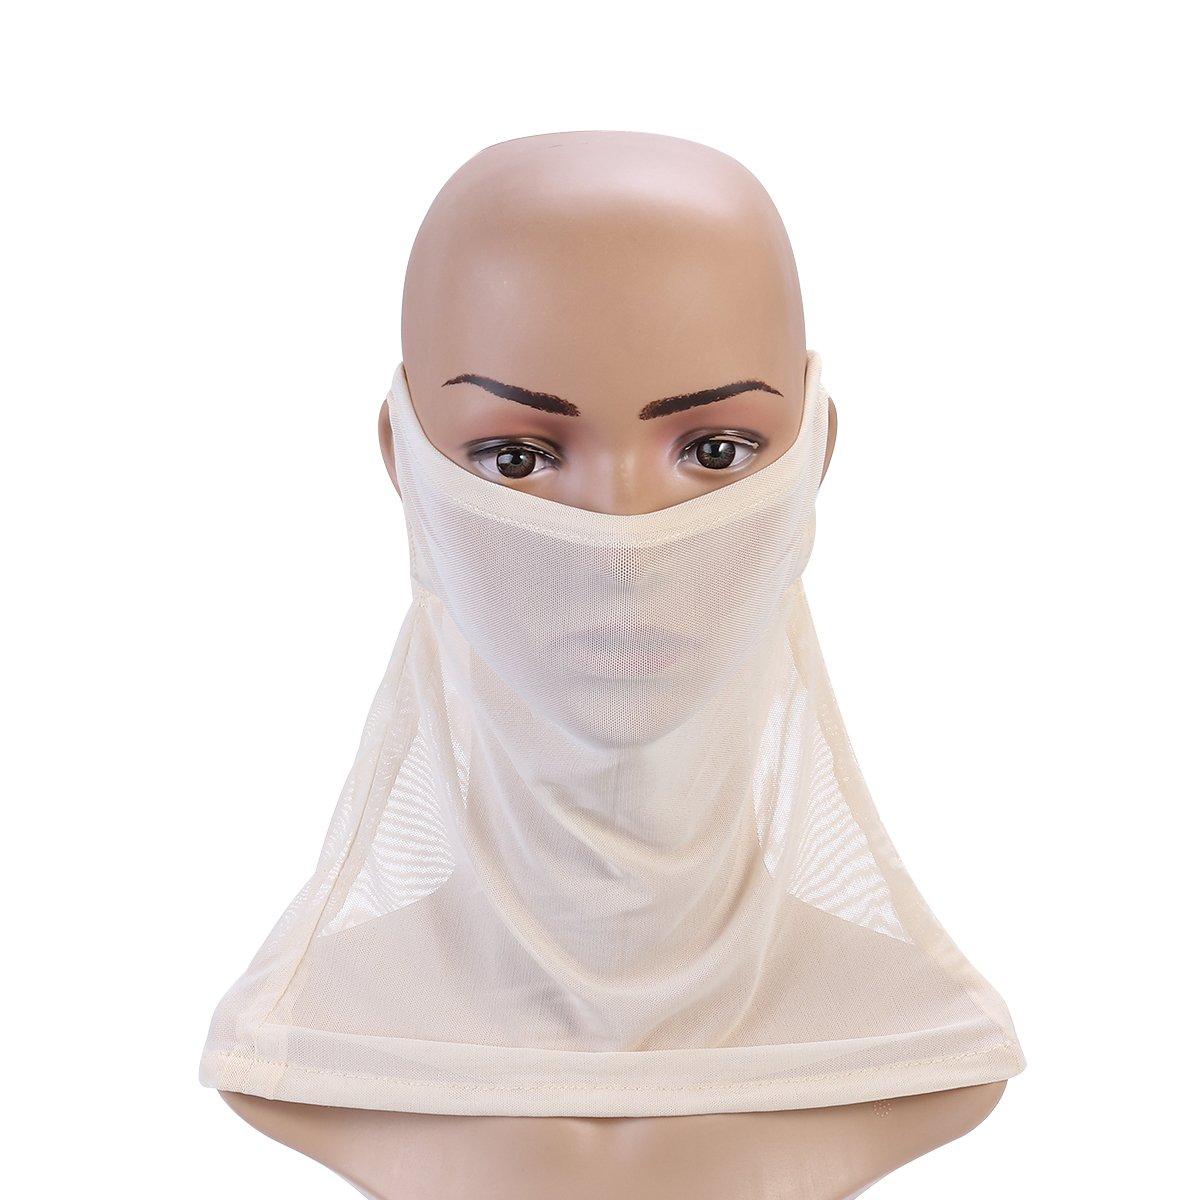 LUOEM 2pcs Sunproof Headwear Dustproof Facemask Wrap Scarf for Face Neck (Grey+Beige) 68FO084923GCGVU5094